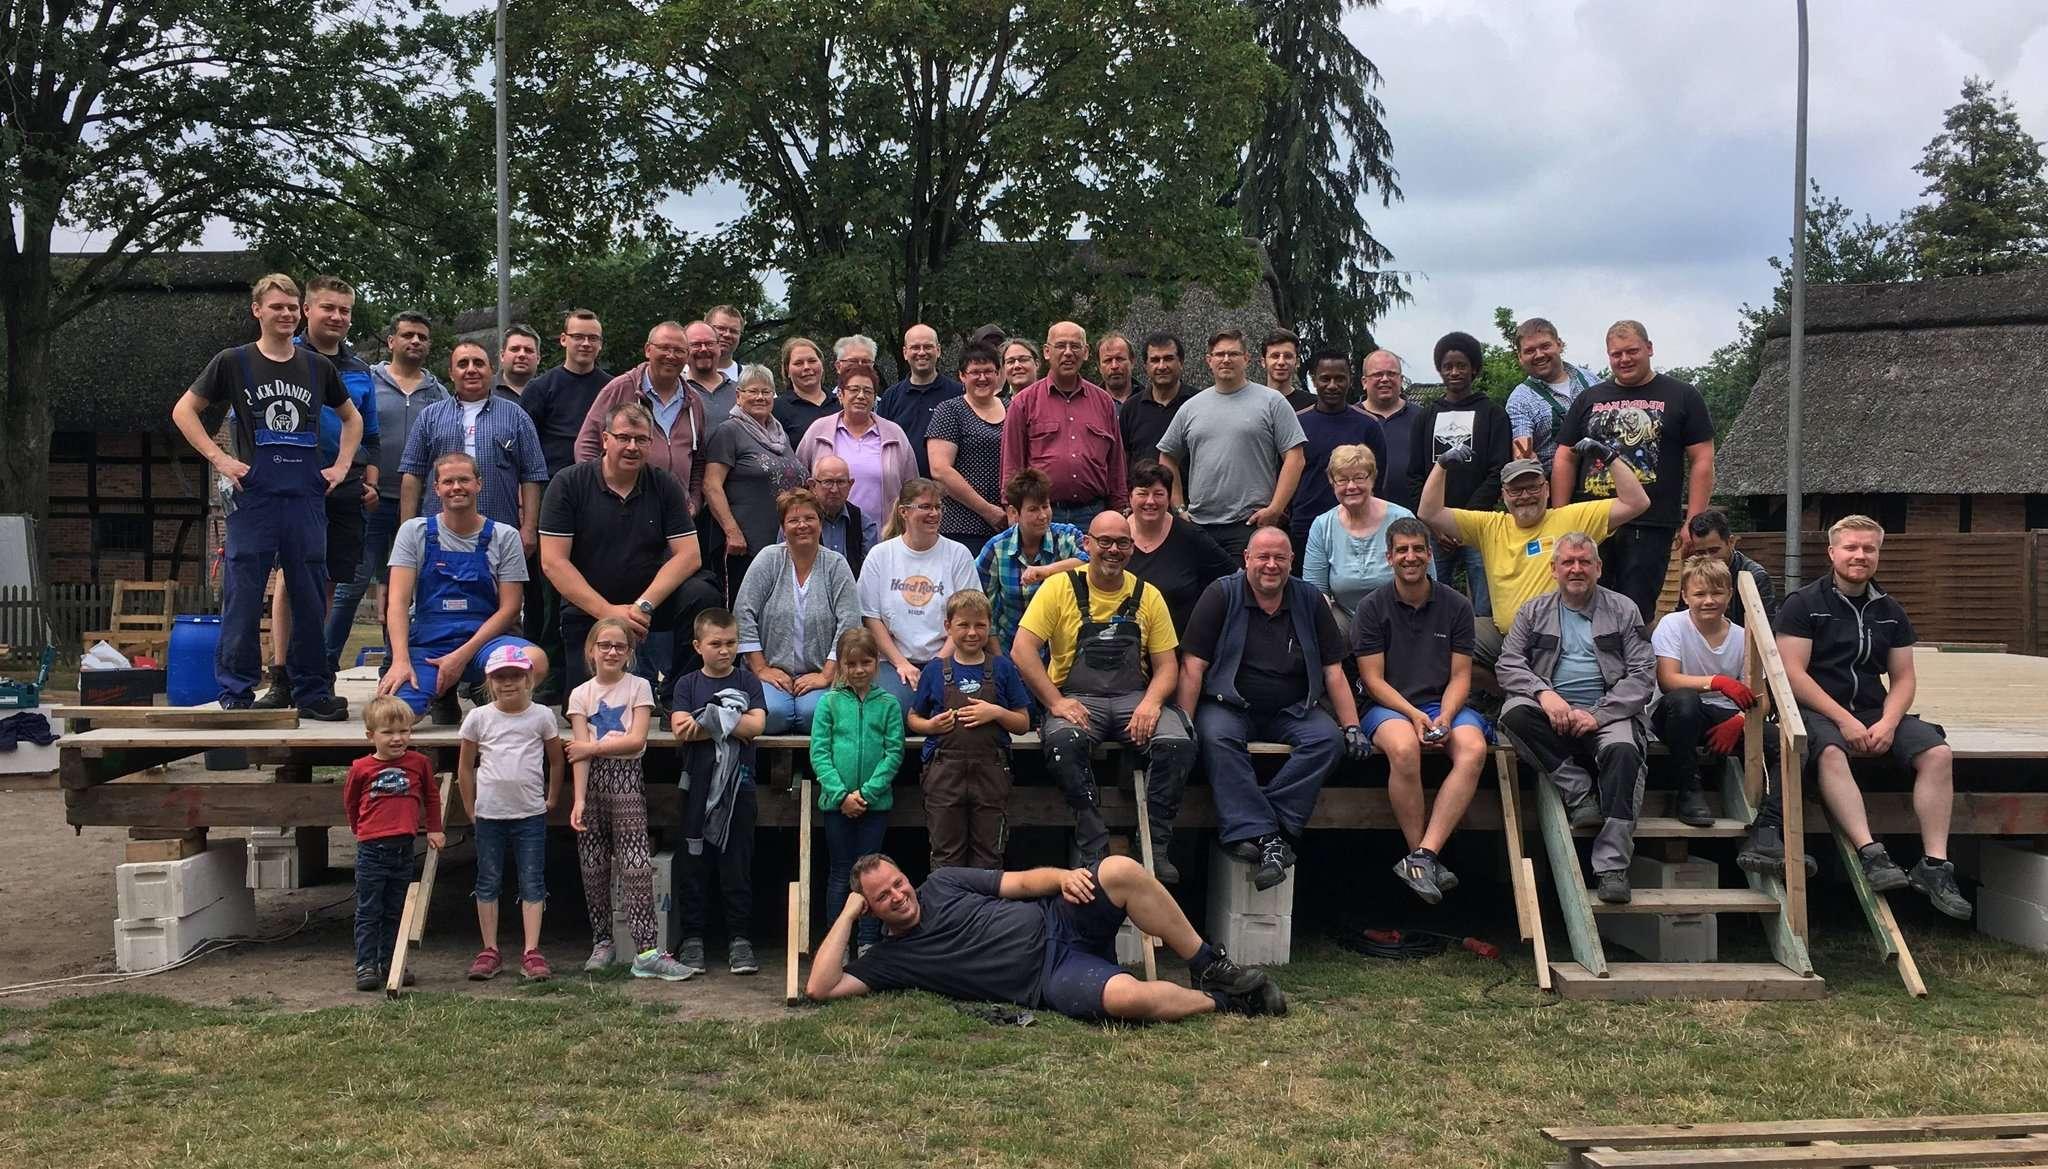 Nicht nur das Konstruktionsteam des Beek-Festivals, auch alle anderen Helfer und Mitwirkenden sind zum Helfernachmittags eingeladen.